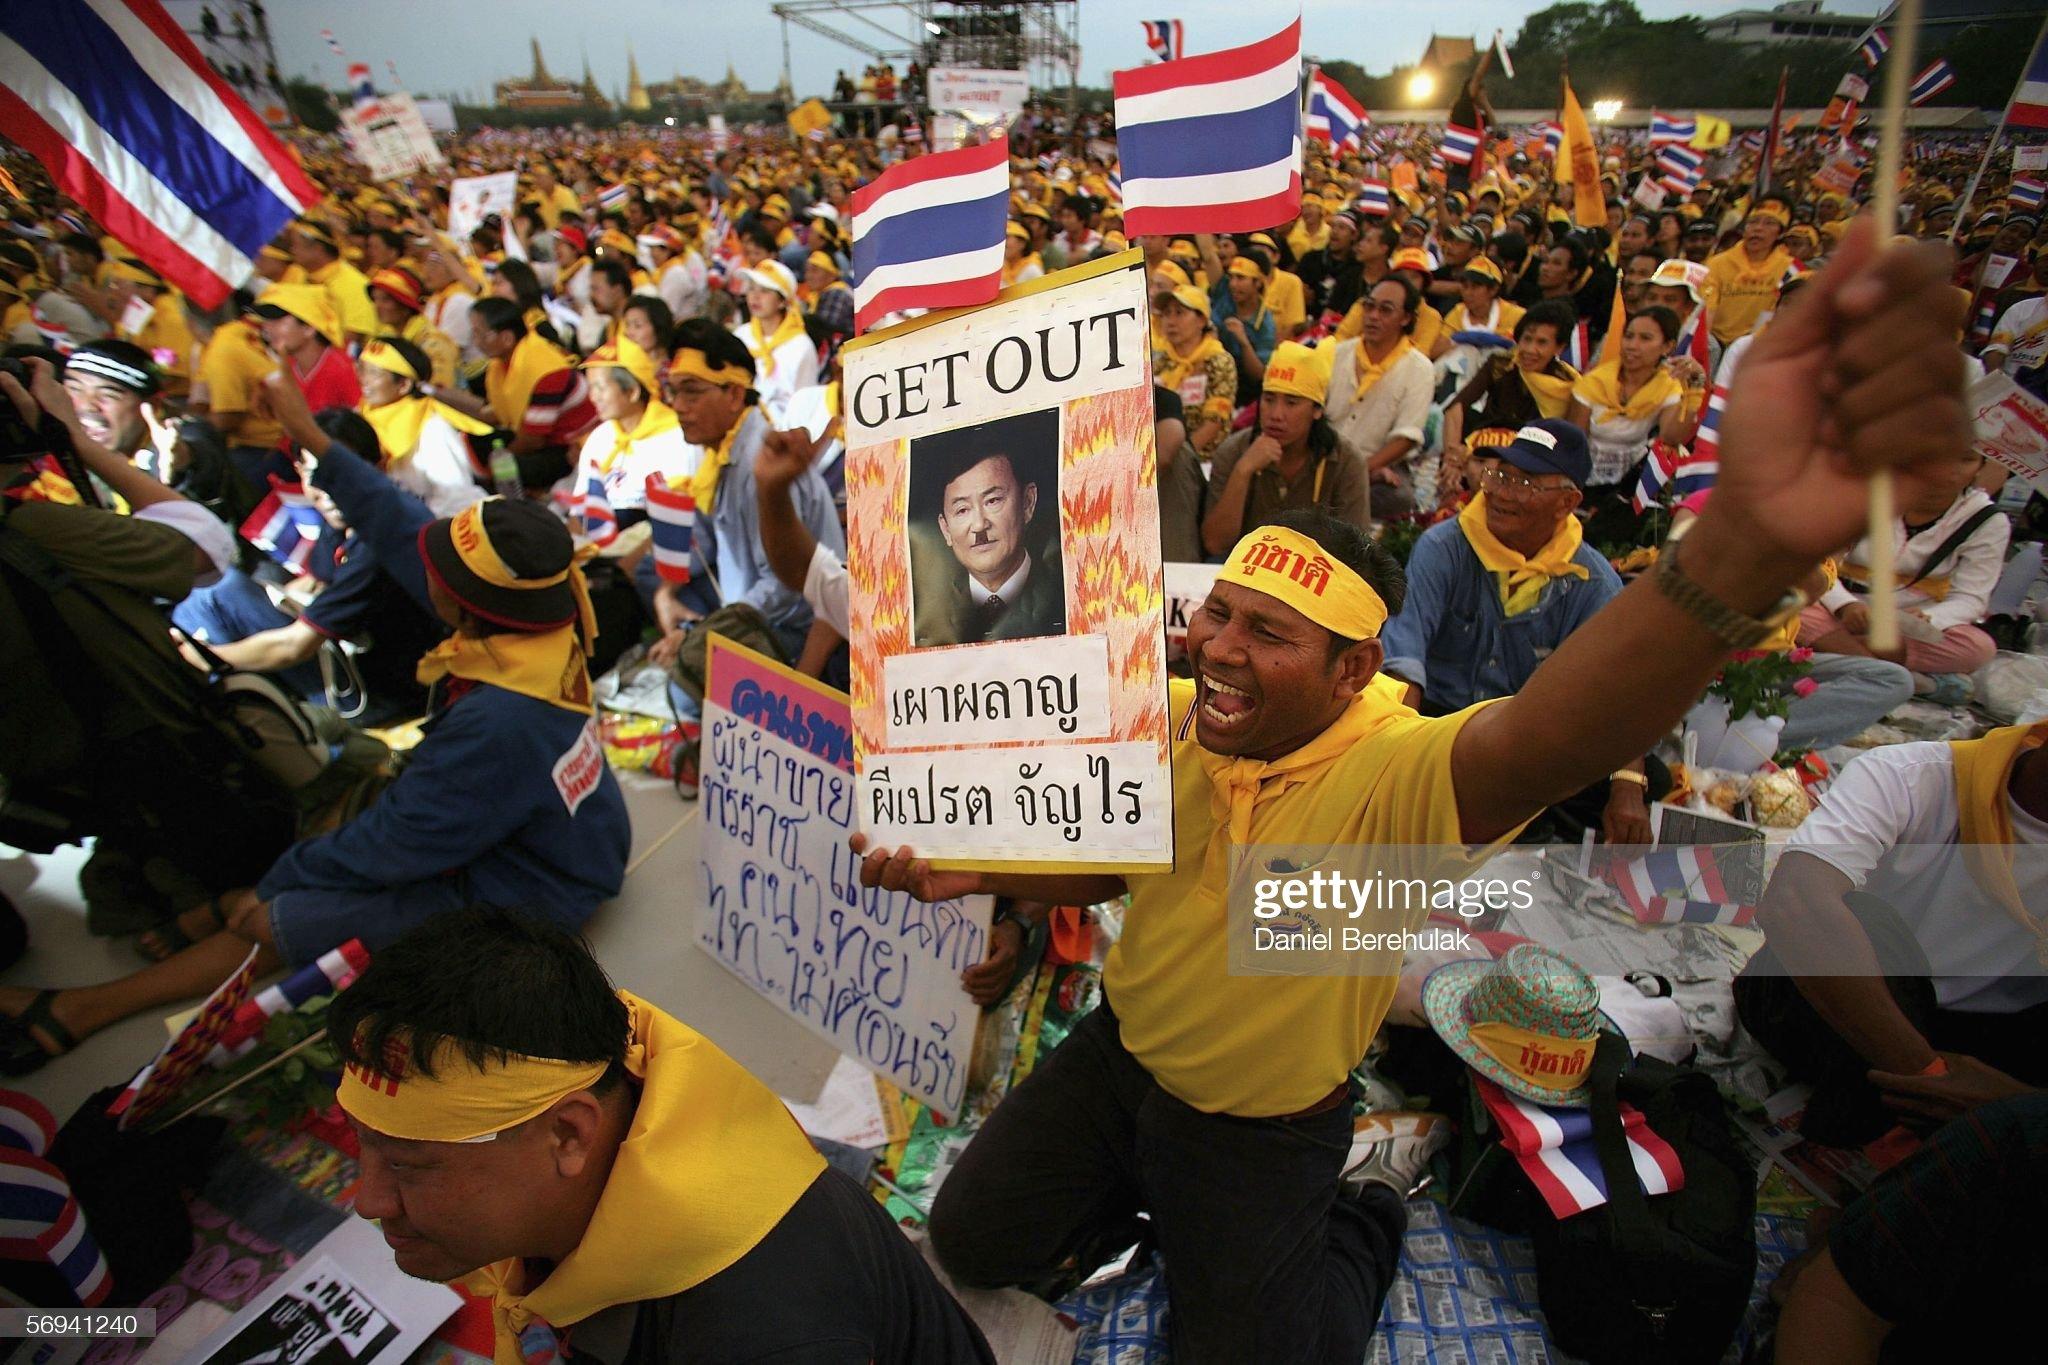 Protestas contra Thaksin Shinawatra en Bangkok, 26 de febrero de 2006 | Fuente: Daniel Berehulak / Getty Images